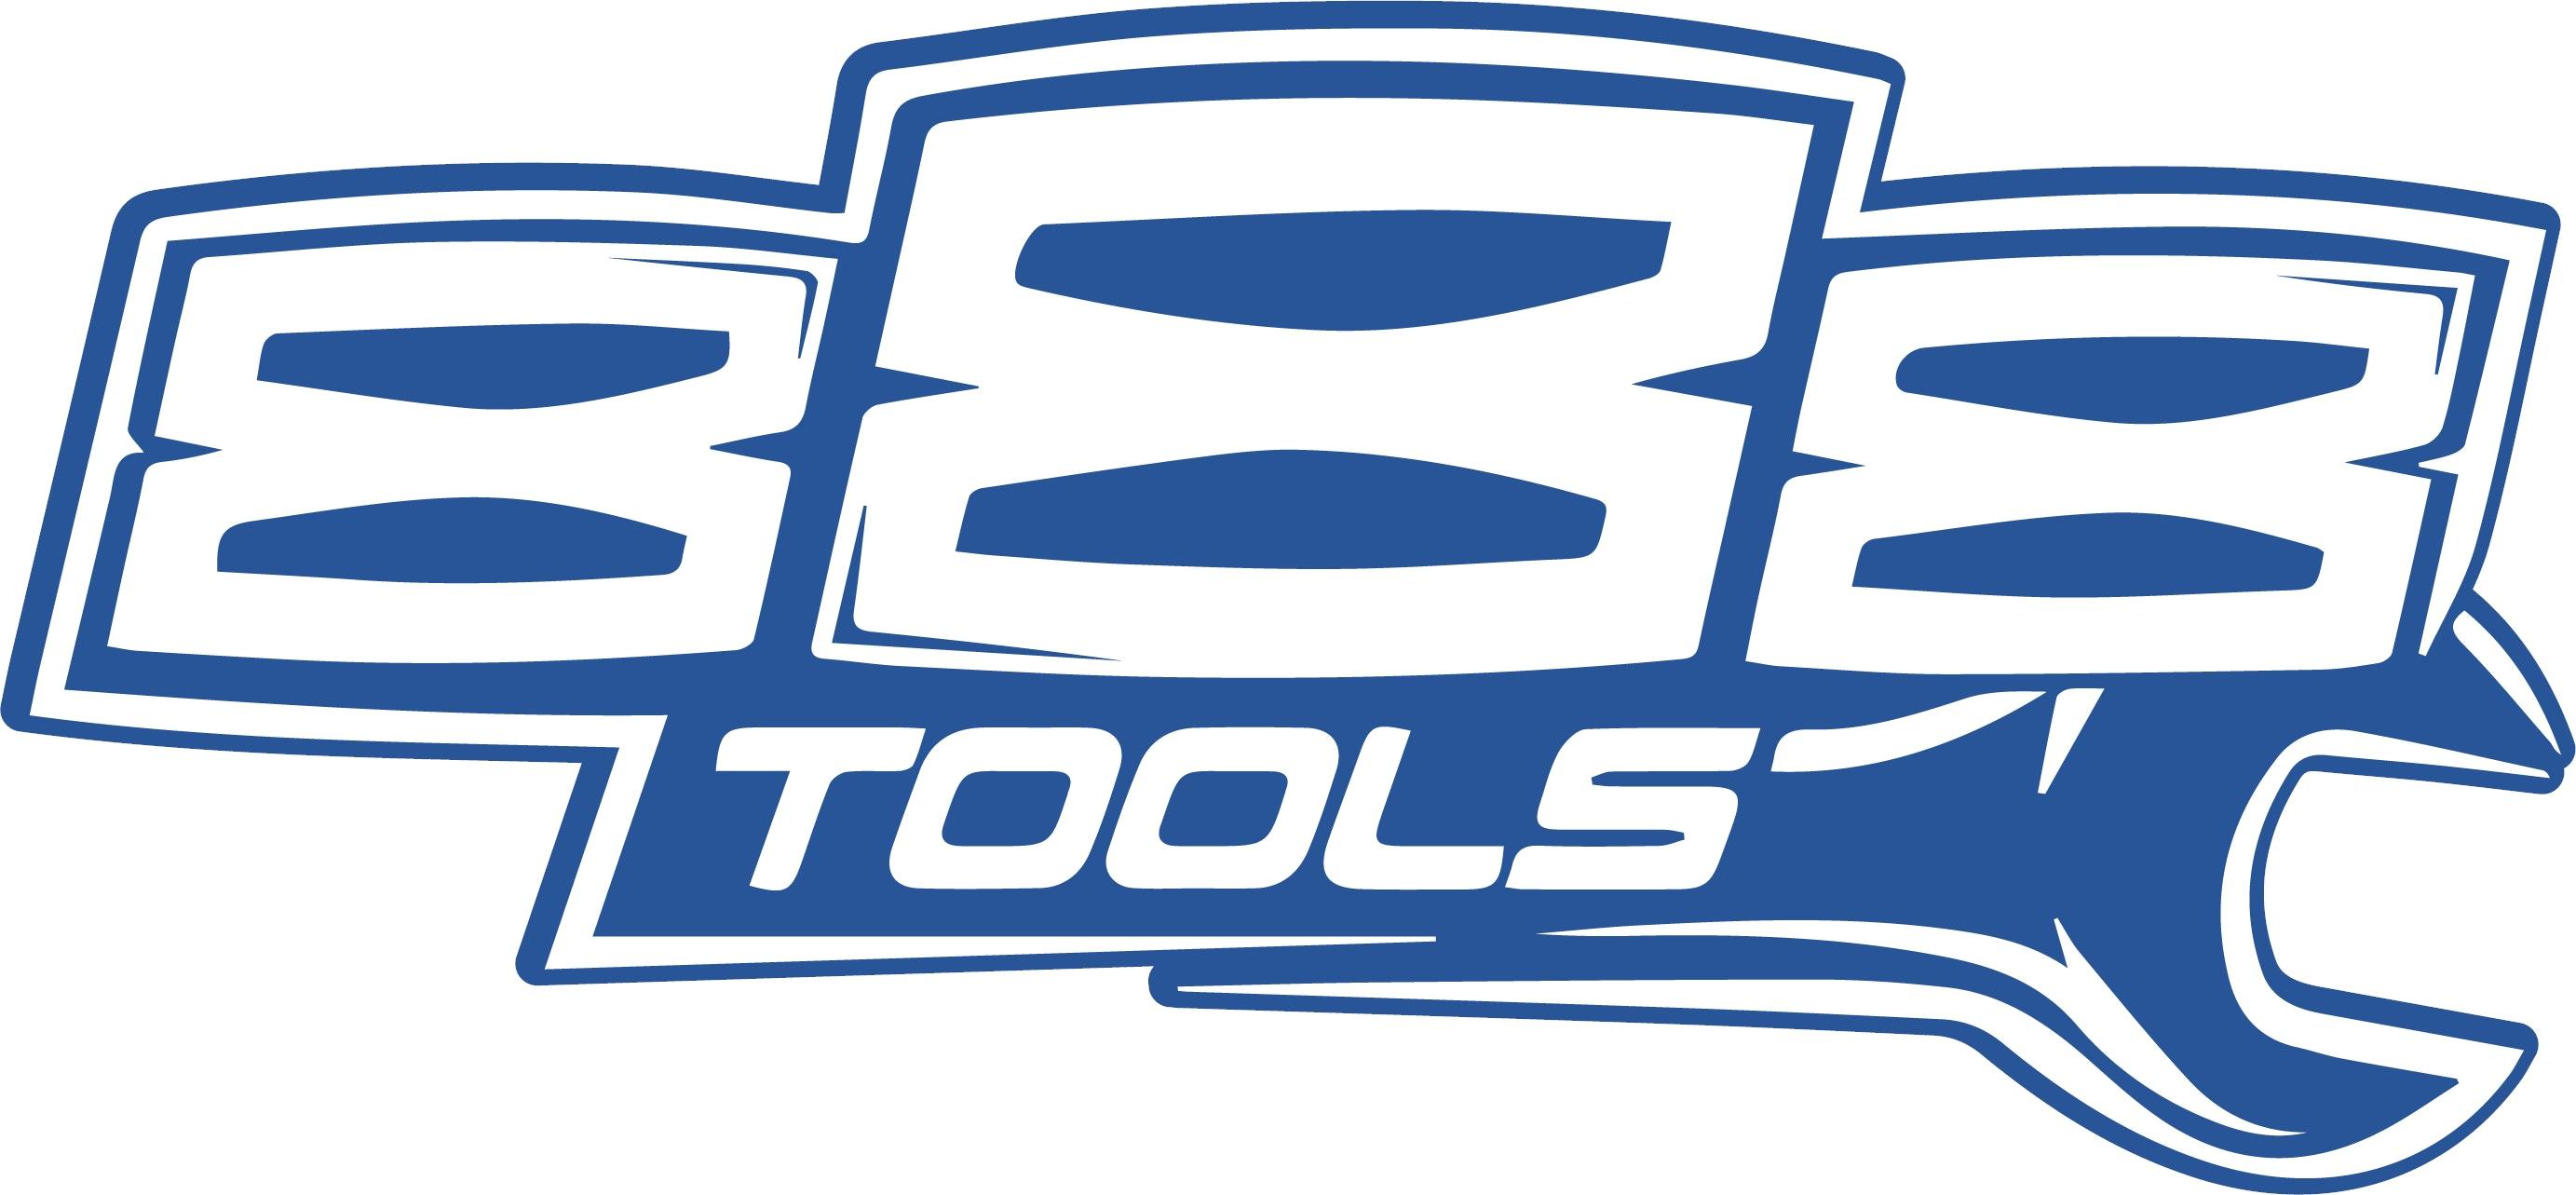 888 Tools